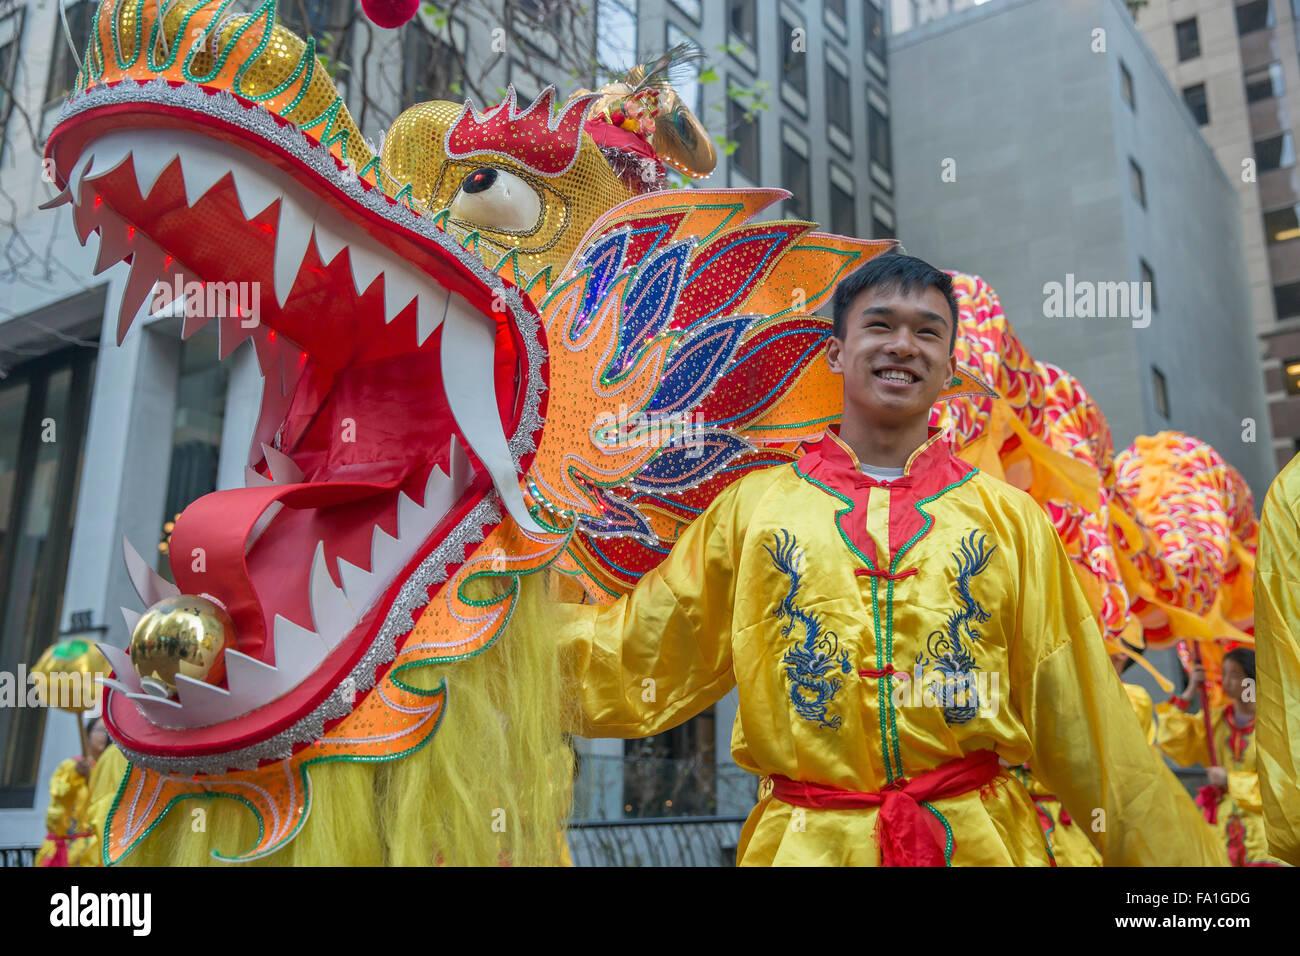 Gestore di drago vestito in costume a San Francisco il Capodanno cinese parade. Immagini Stock